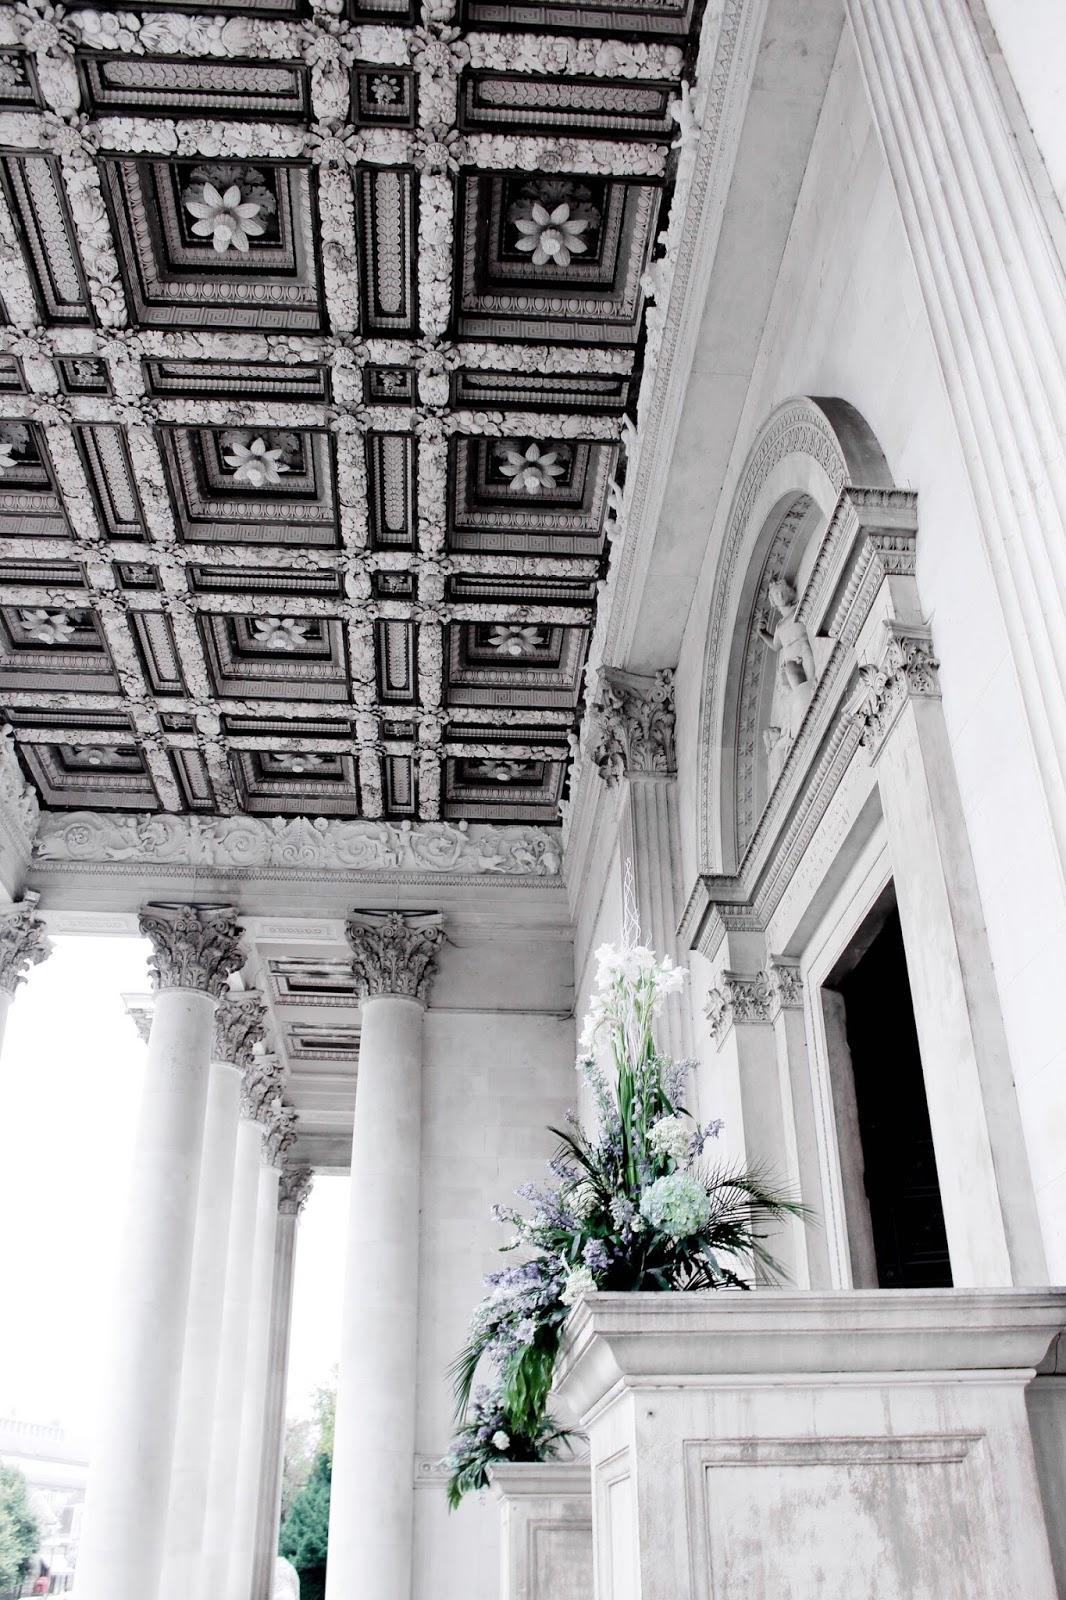 The Fitzwilliam Museum Cambridge Ornate Ceiling